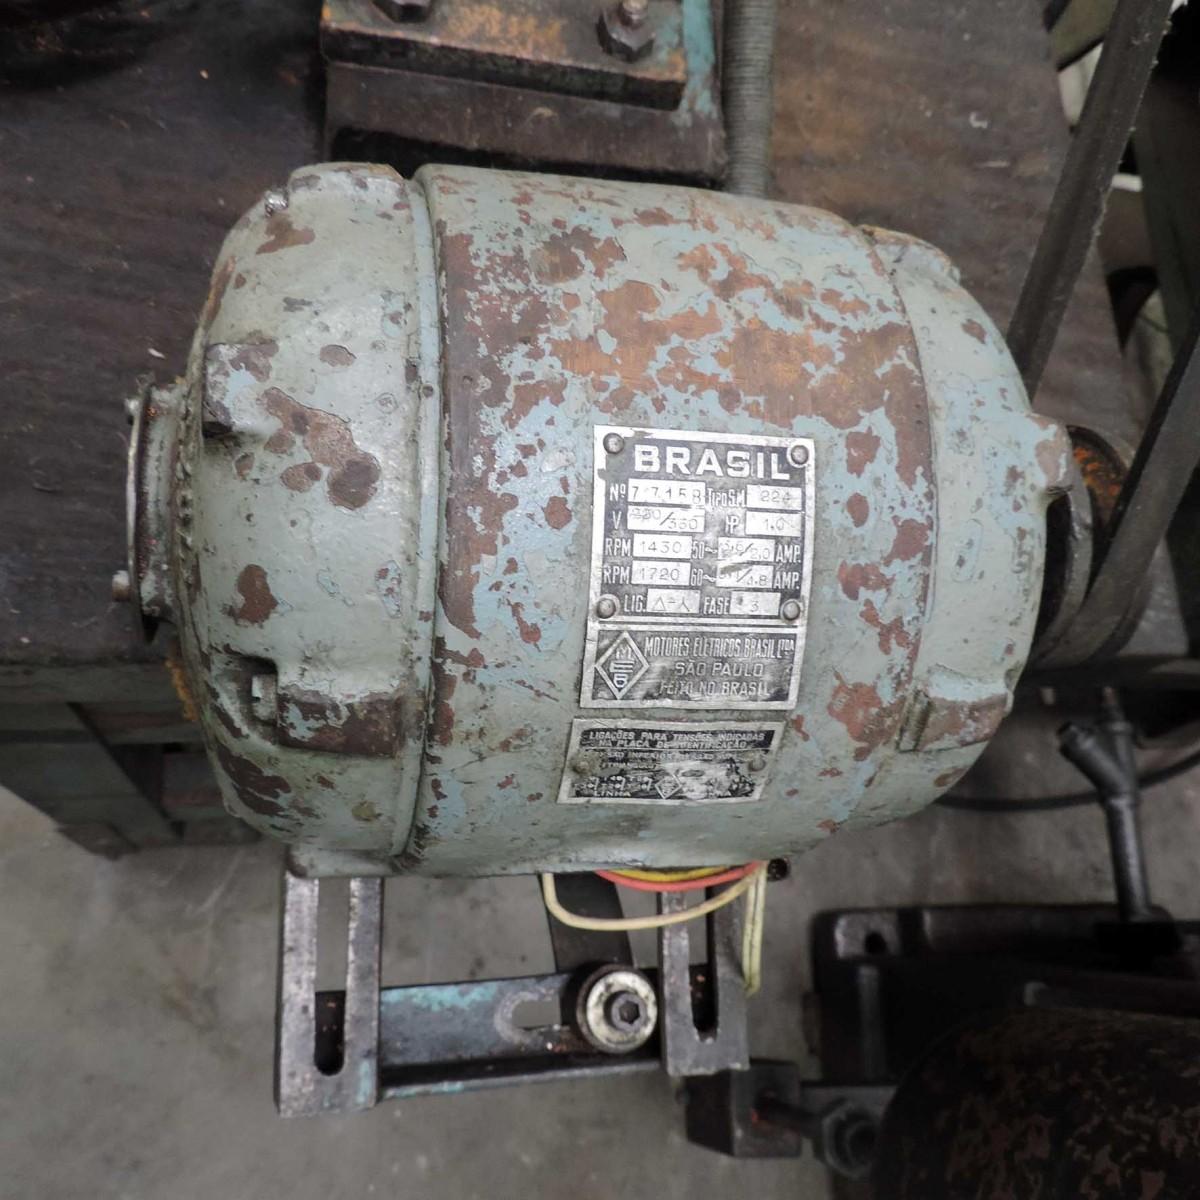 Afiadora / Fresadora - 1 Cv - 1450 Rpm 220 V - Usada